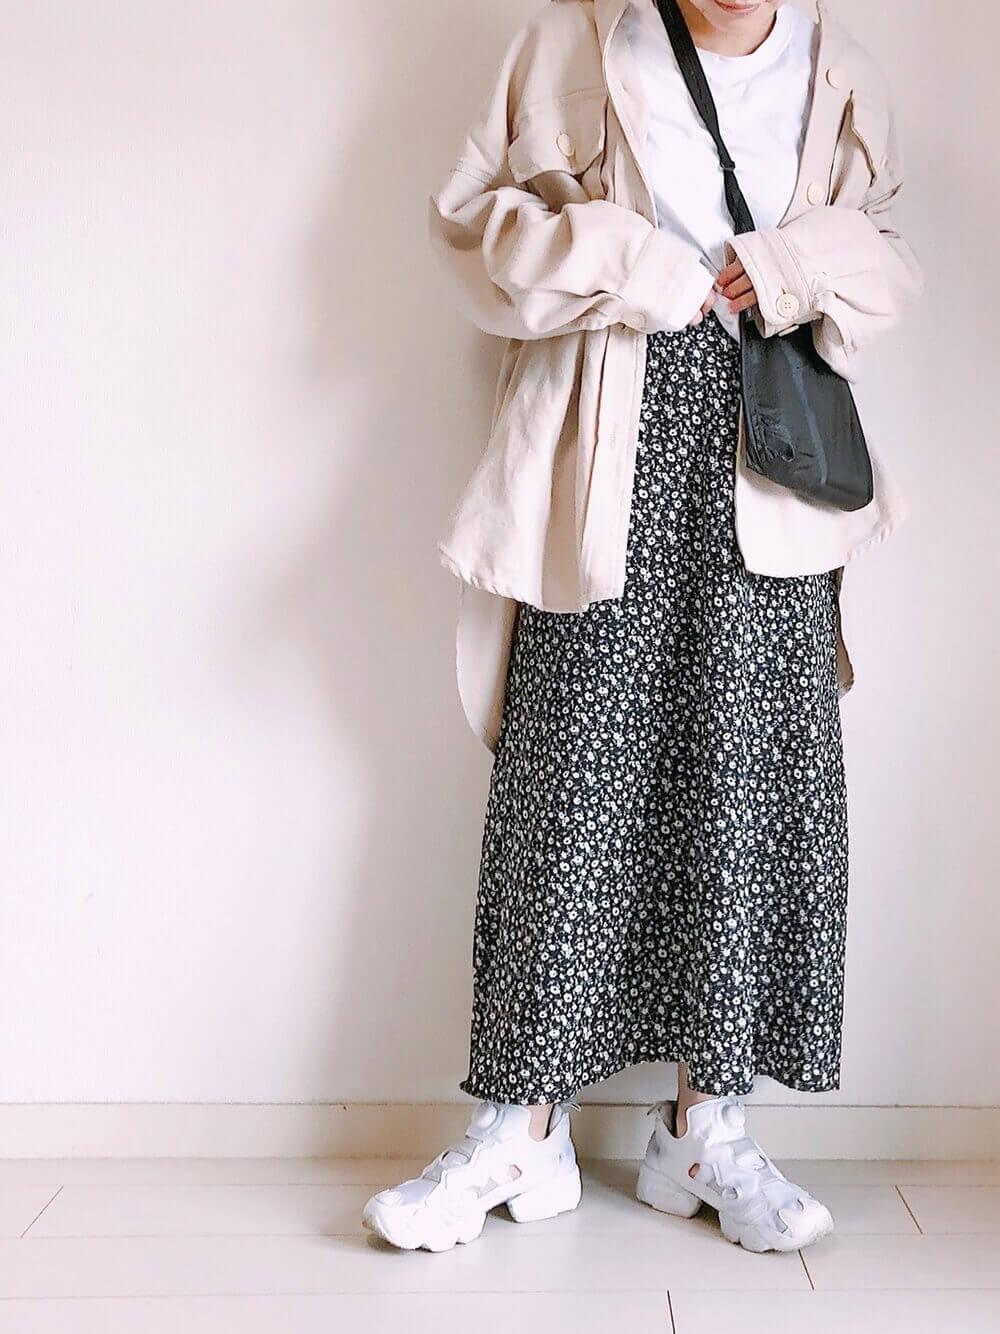 真っ白のポンプフューリーとロングスカート